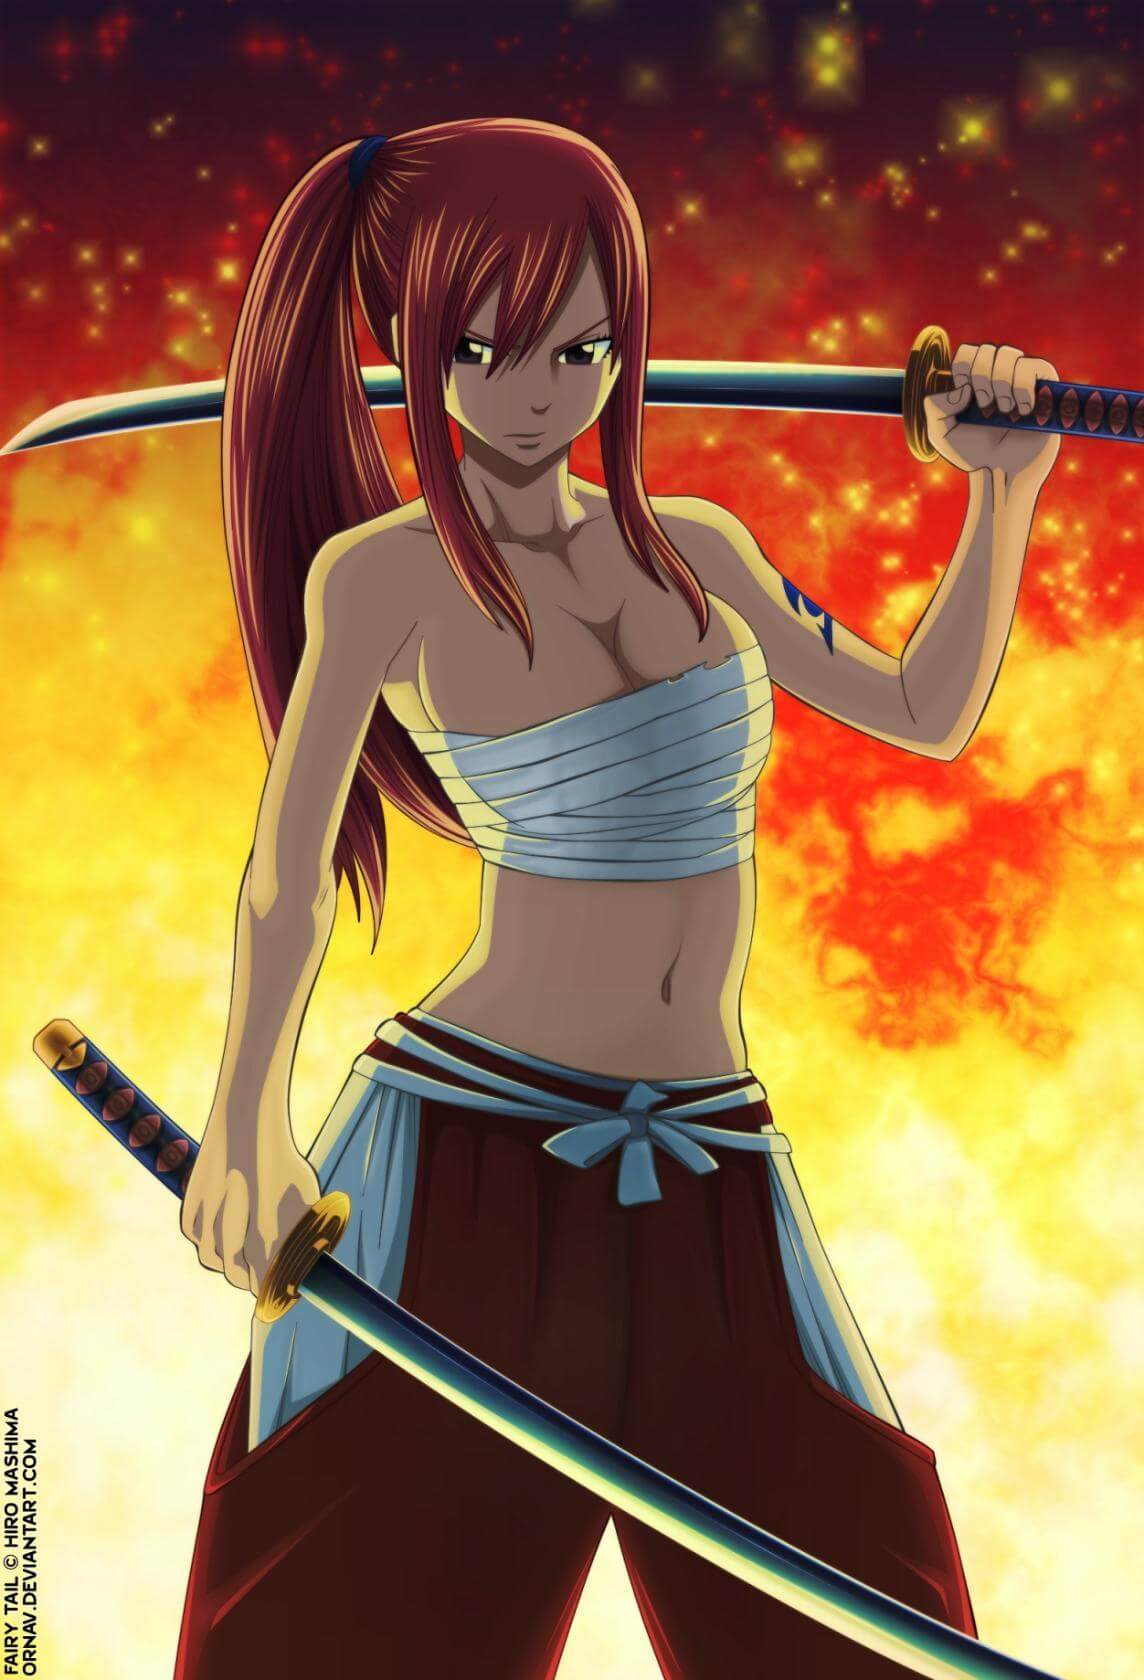 ezra knightwalker hot pictures